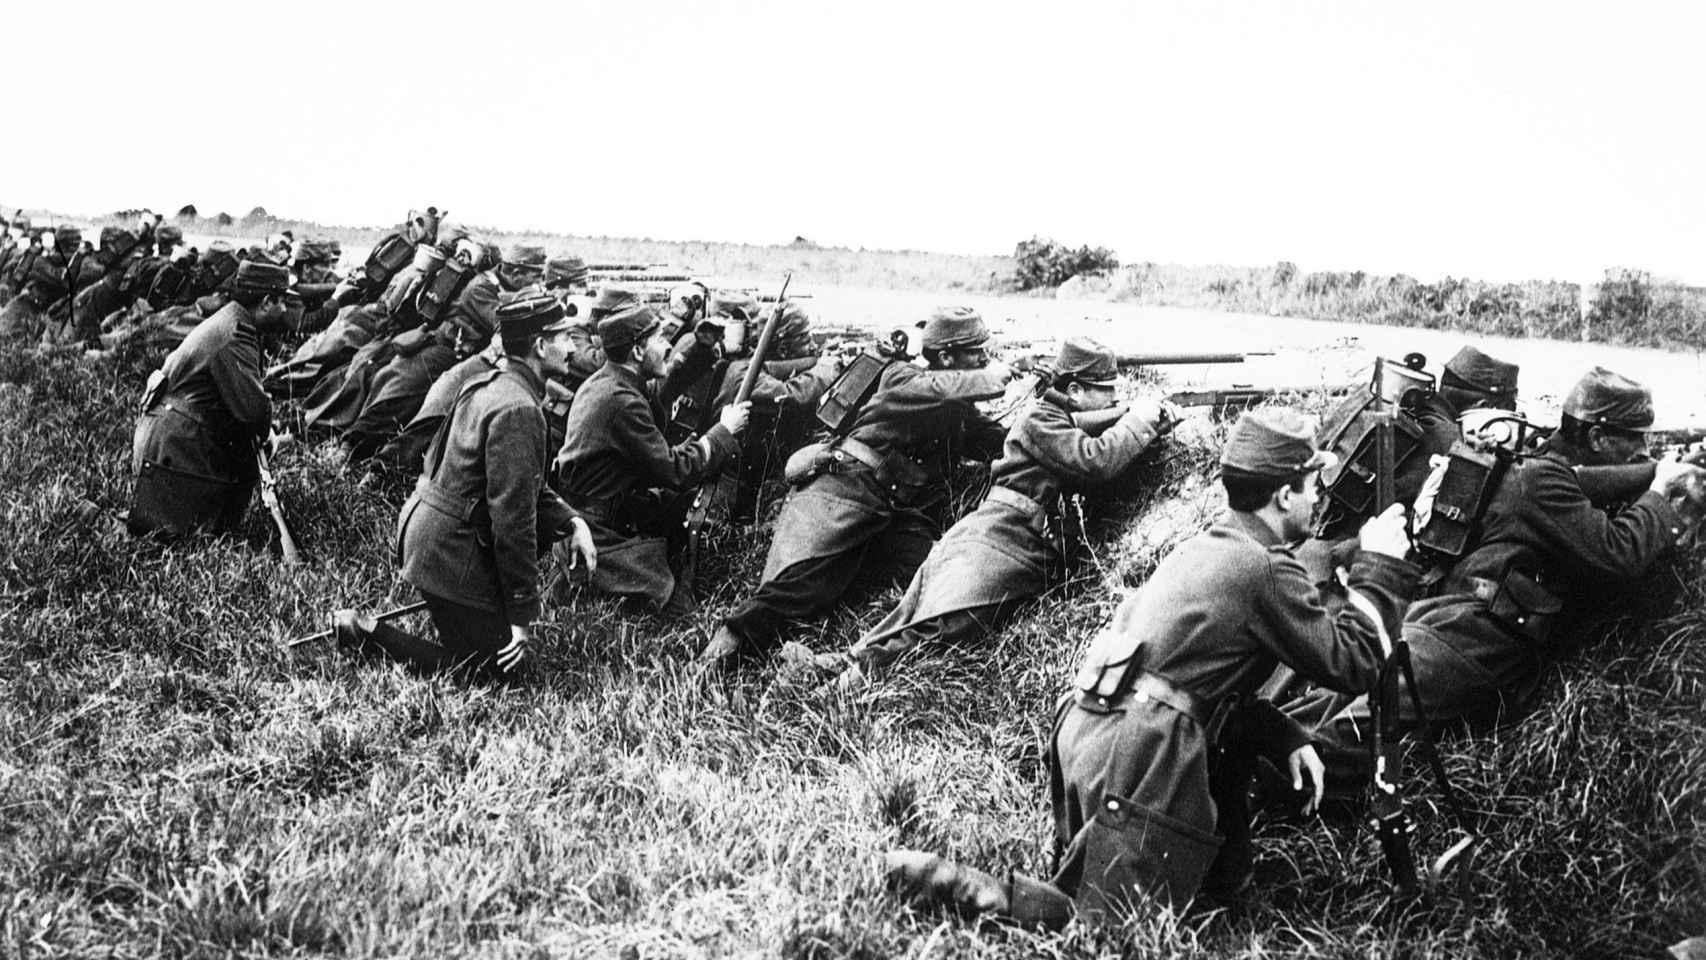 Cómo Entender La I Guerra Mundial En 50 Fotos La Historia Como Nunca Se Explicó